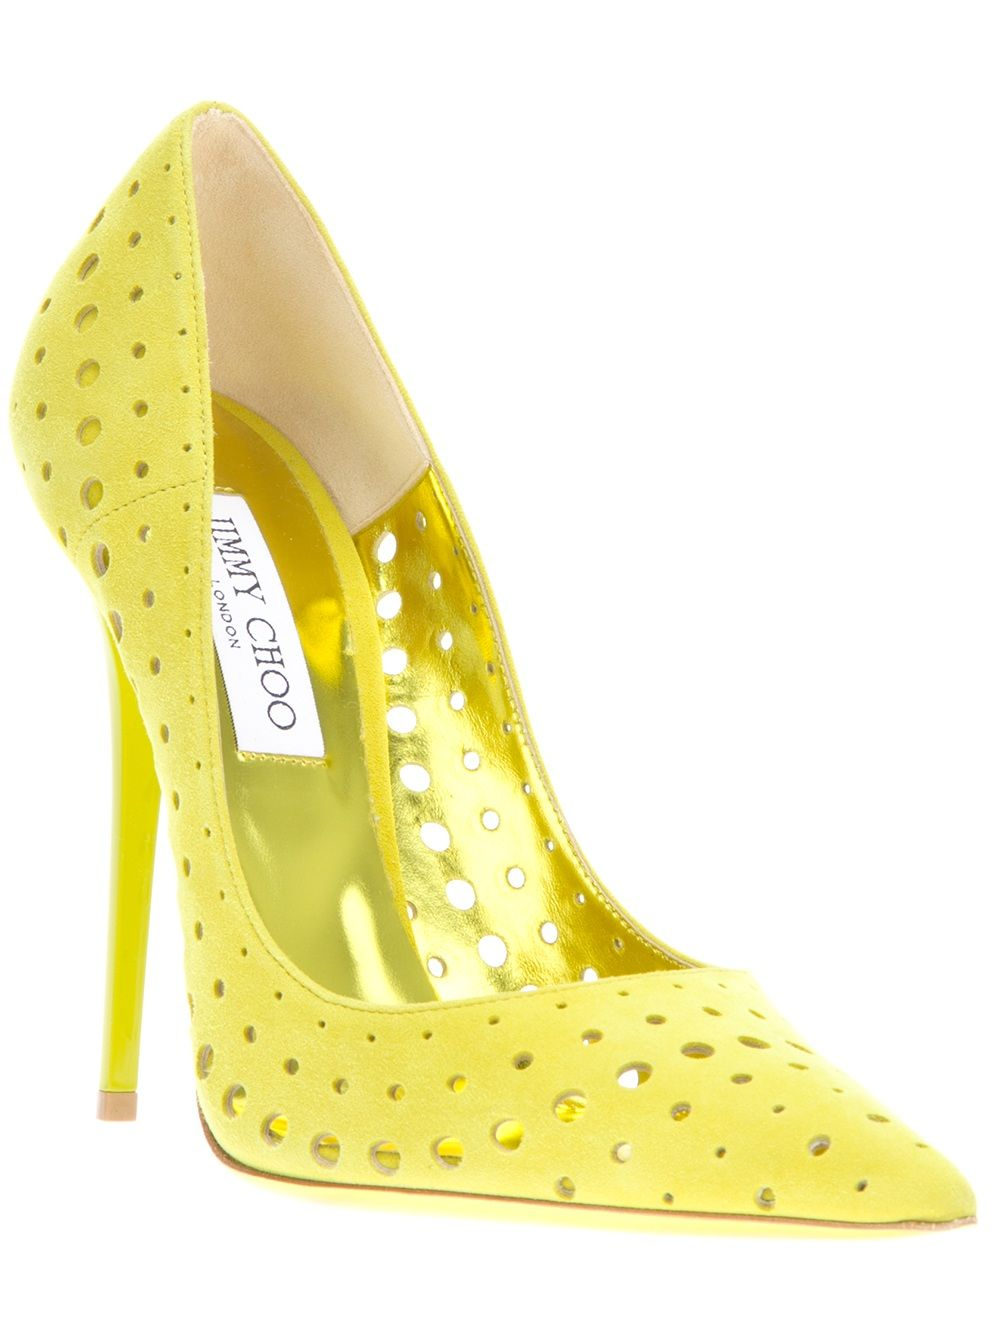 Designer Pumps for Women   Heels, Me